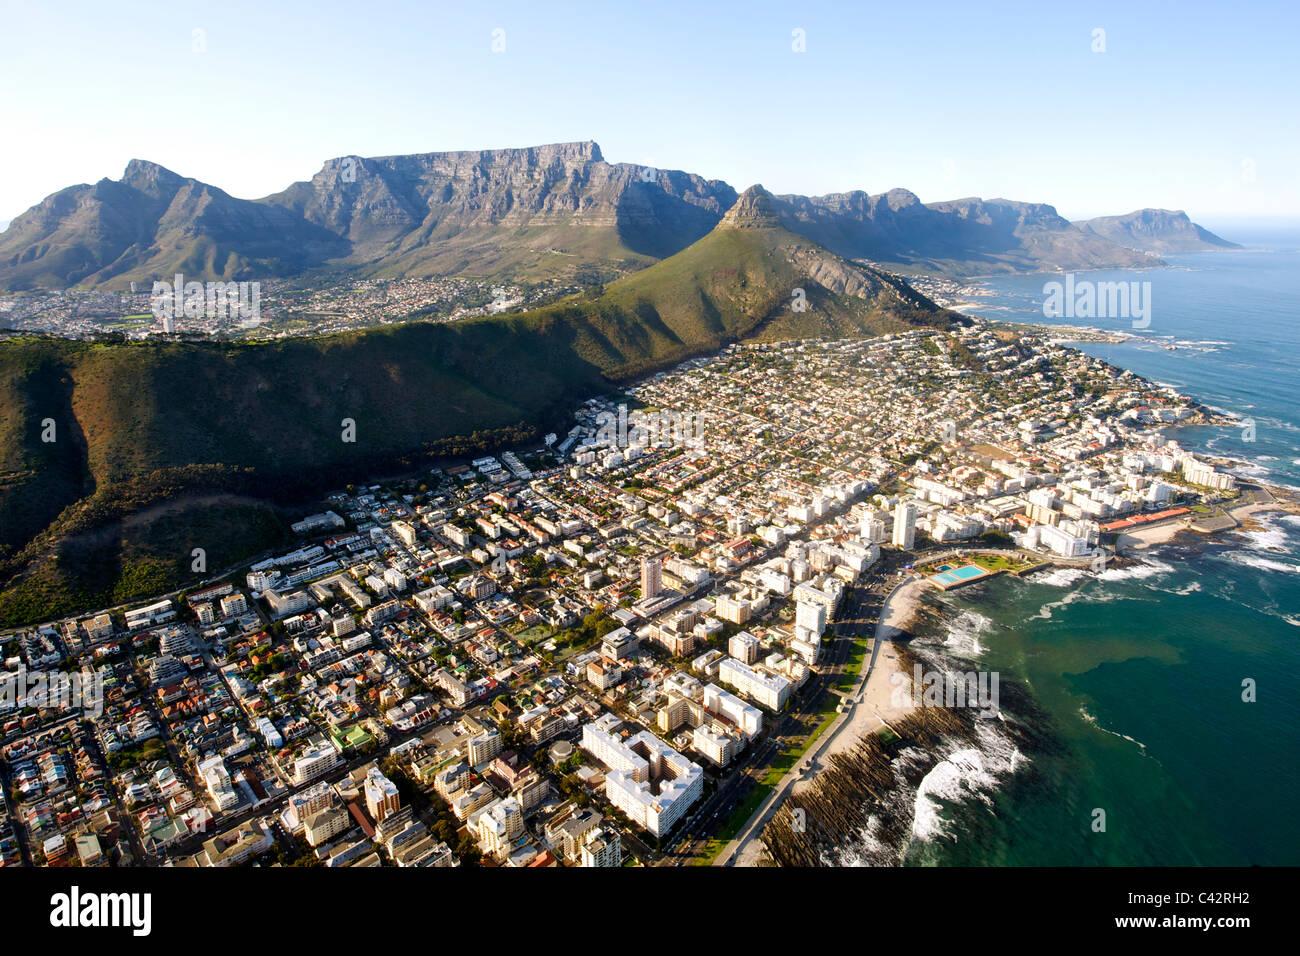 Vista aérea de la Ciudad del Cabo suburbios de Sea Point , y Fresnaye Bantry Bay con la montaña de la Imagen De Stock